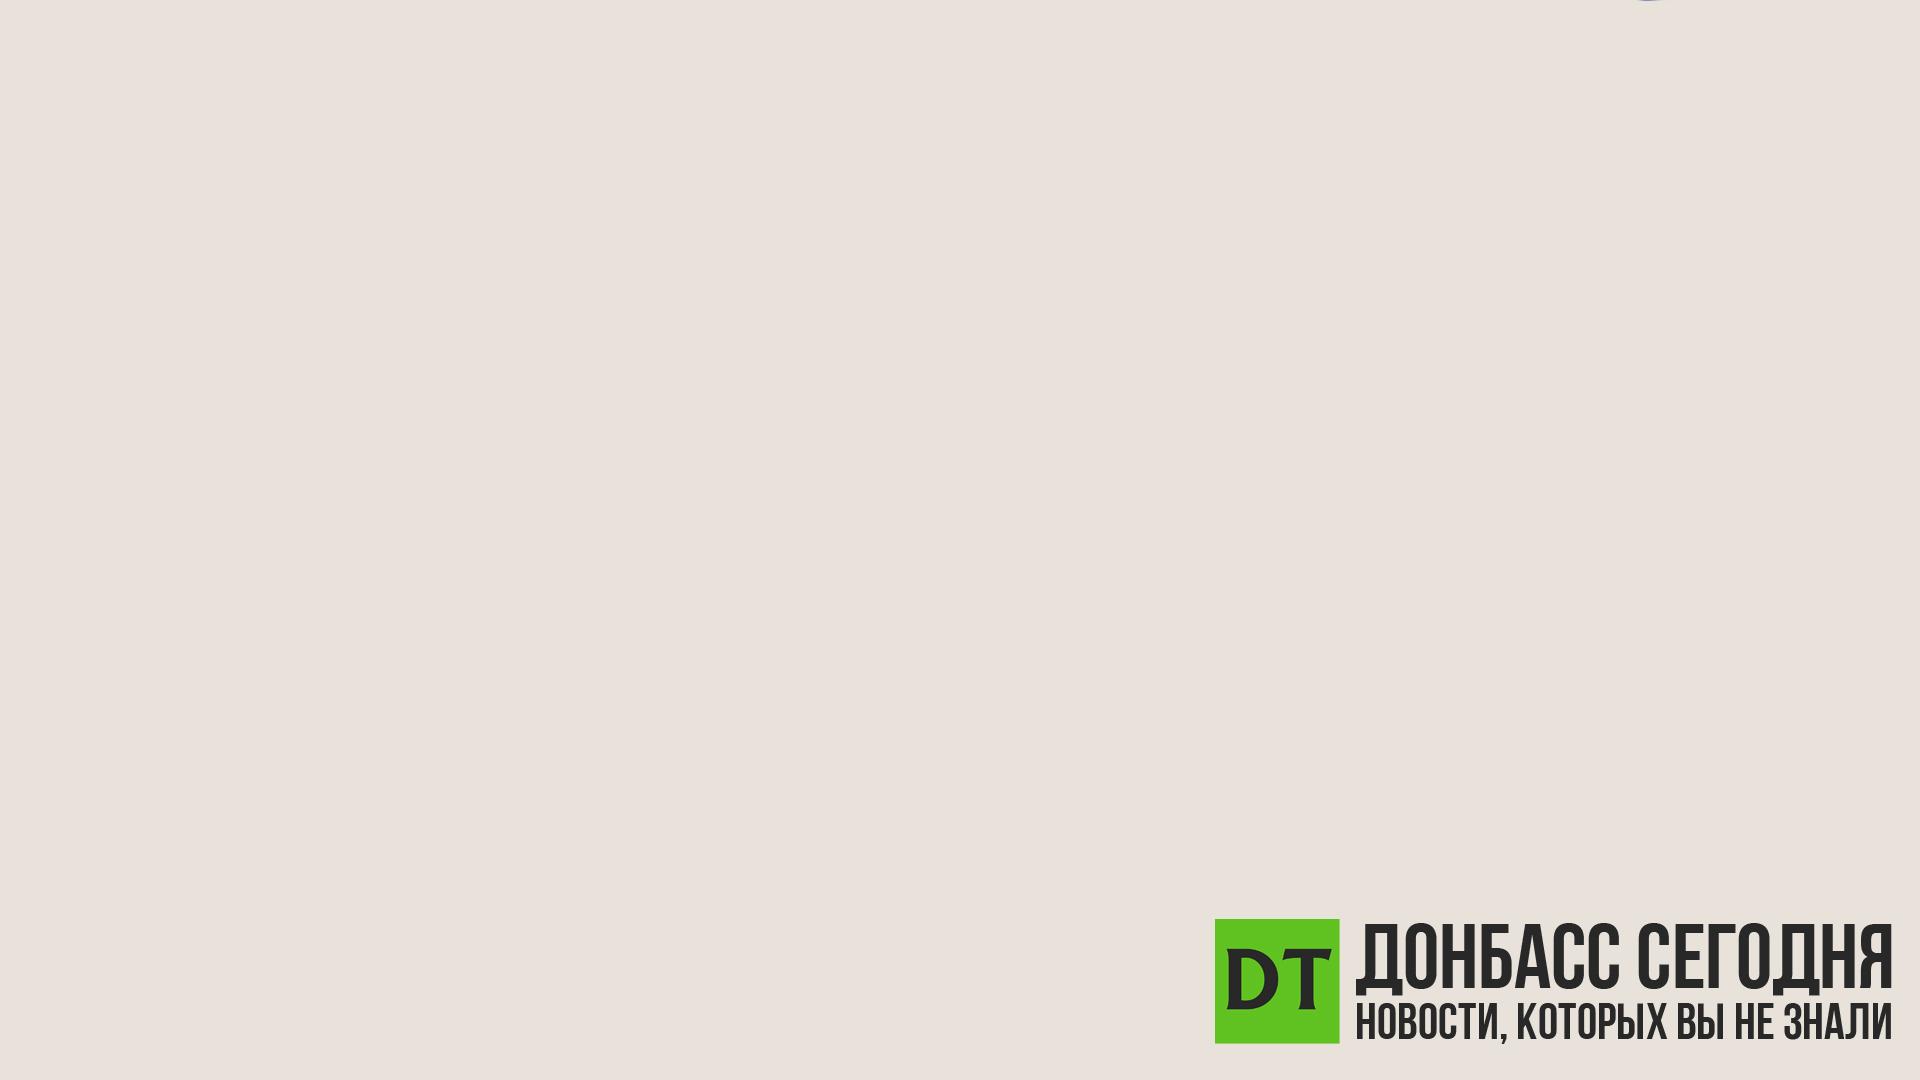 В правительстве Германии не подтвердили несоблюдение РФ контрактов на поставки газа